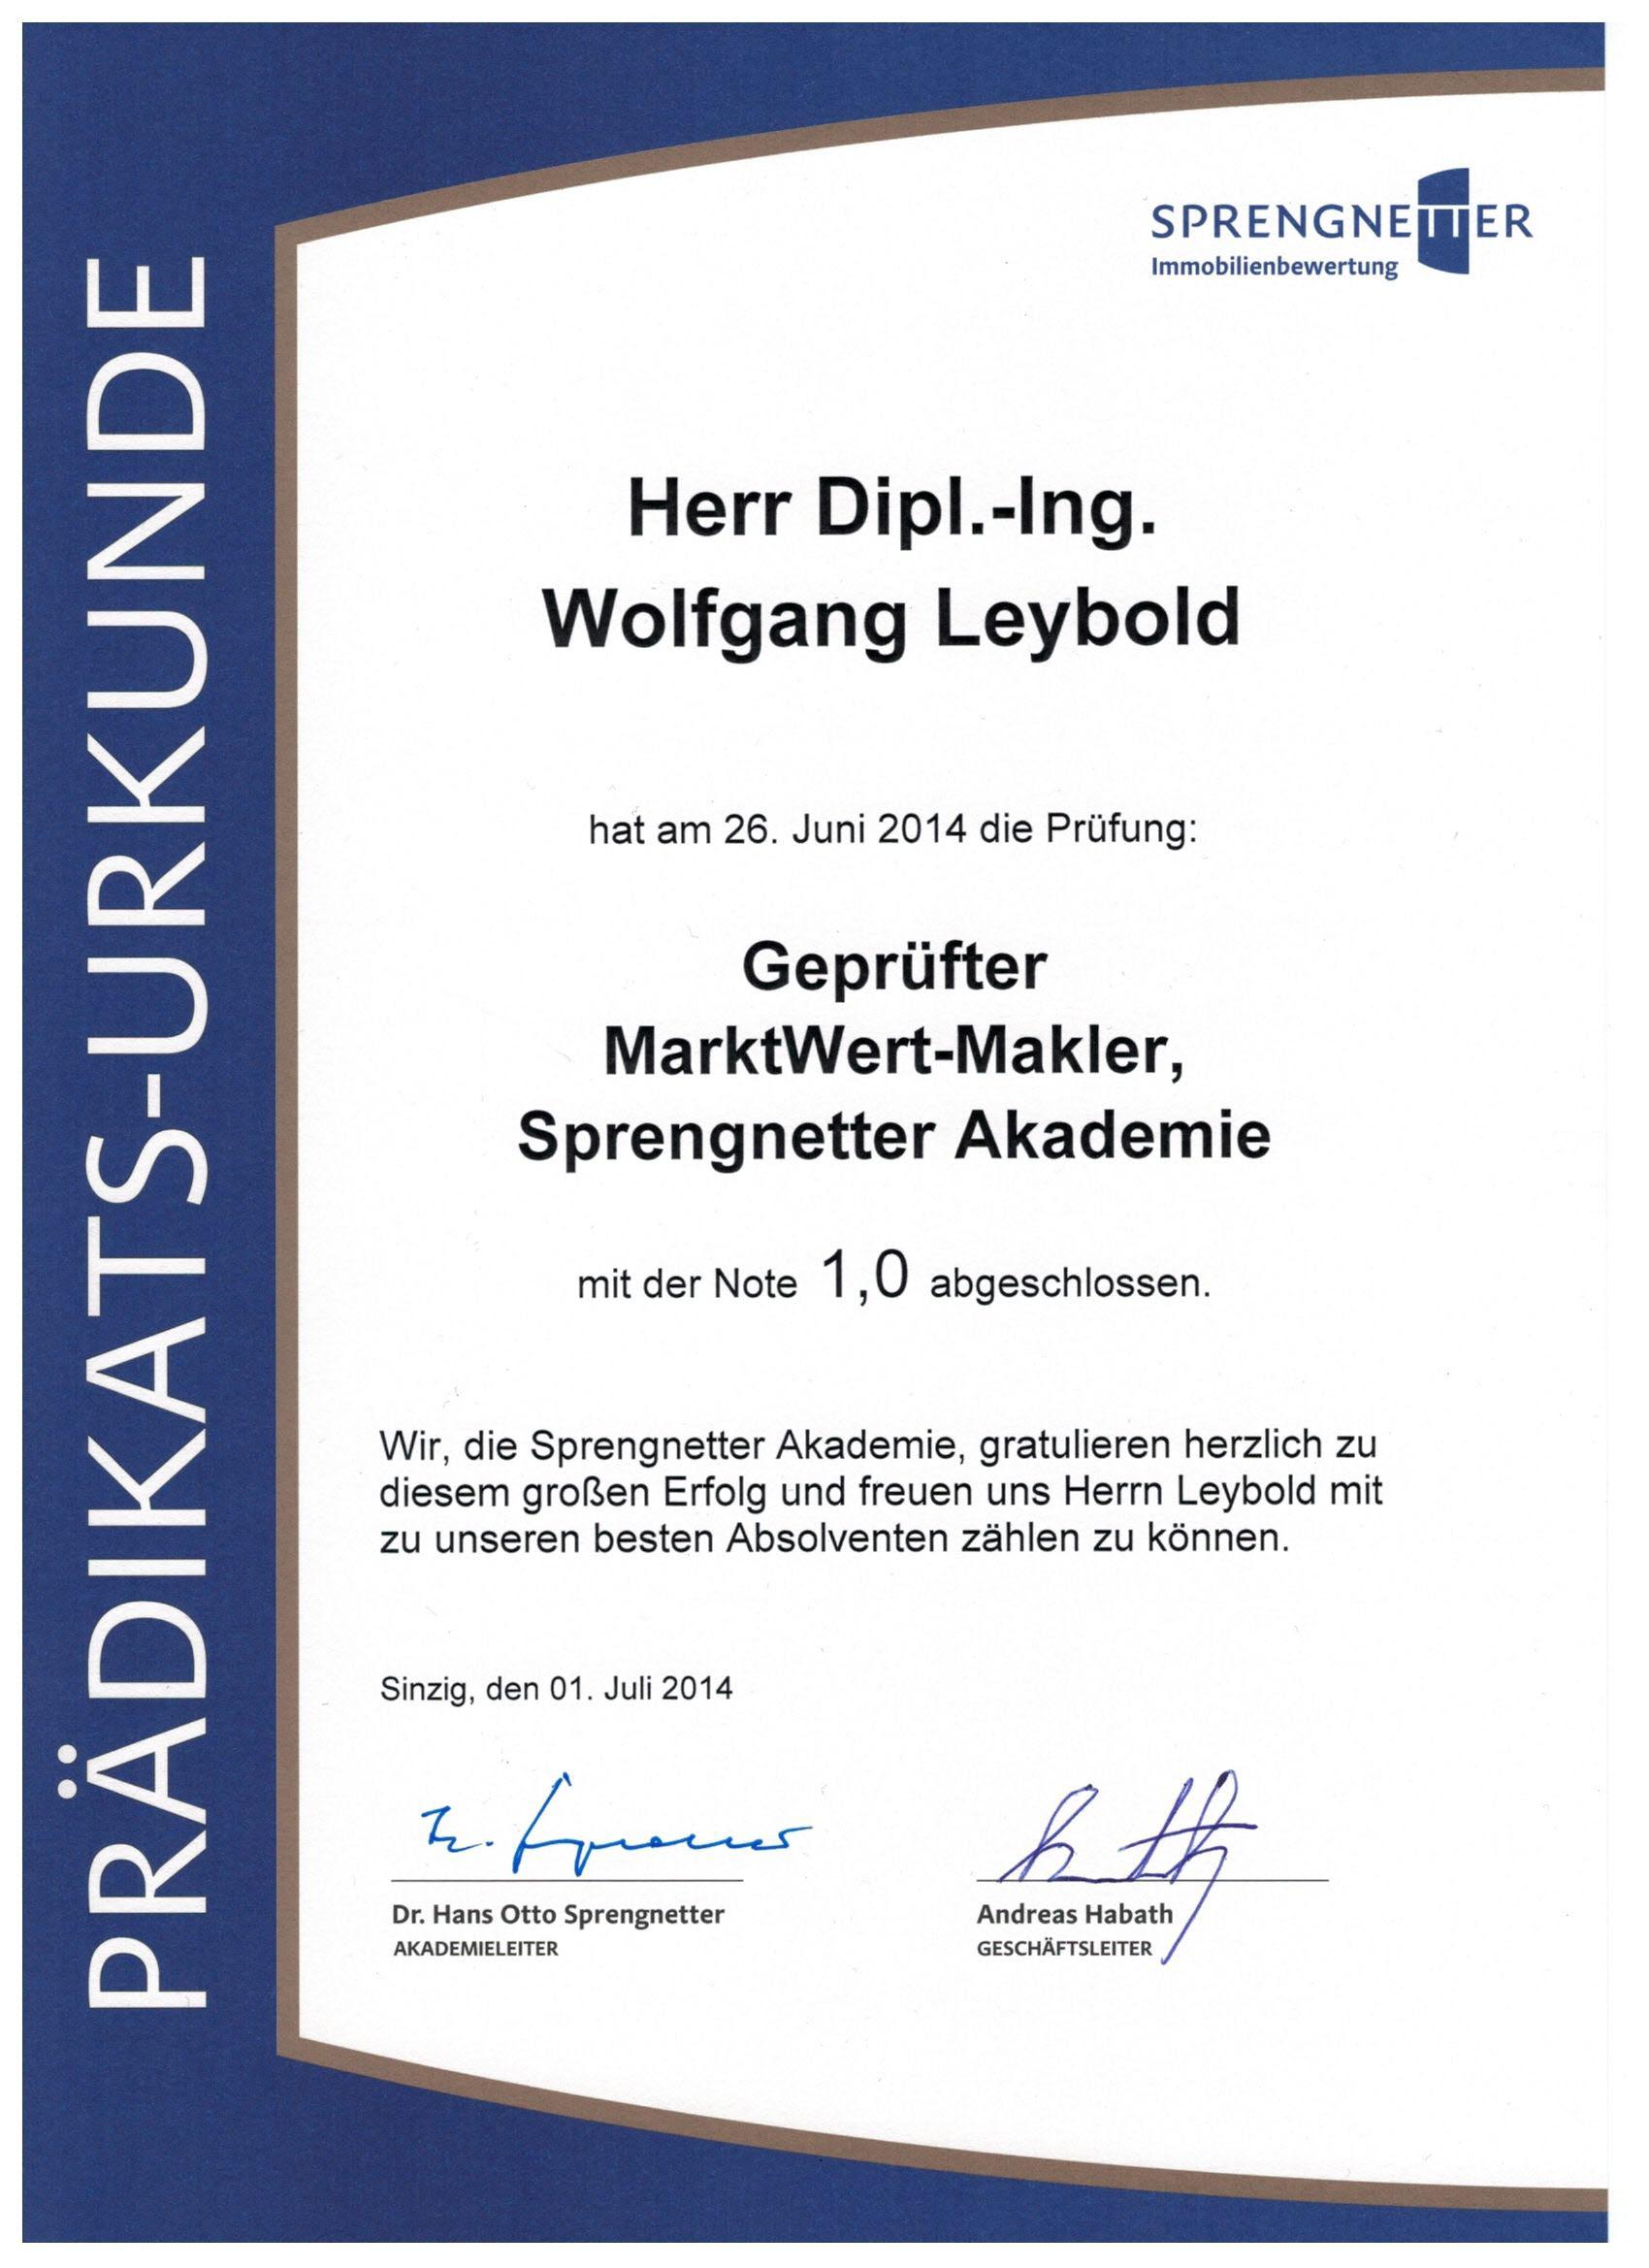 Sprengnetter Urkunde MarktWert-Makler